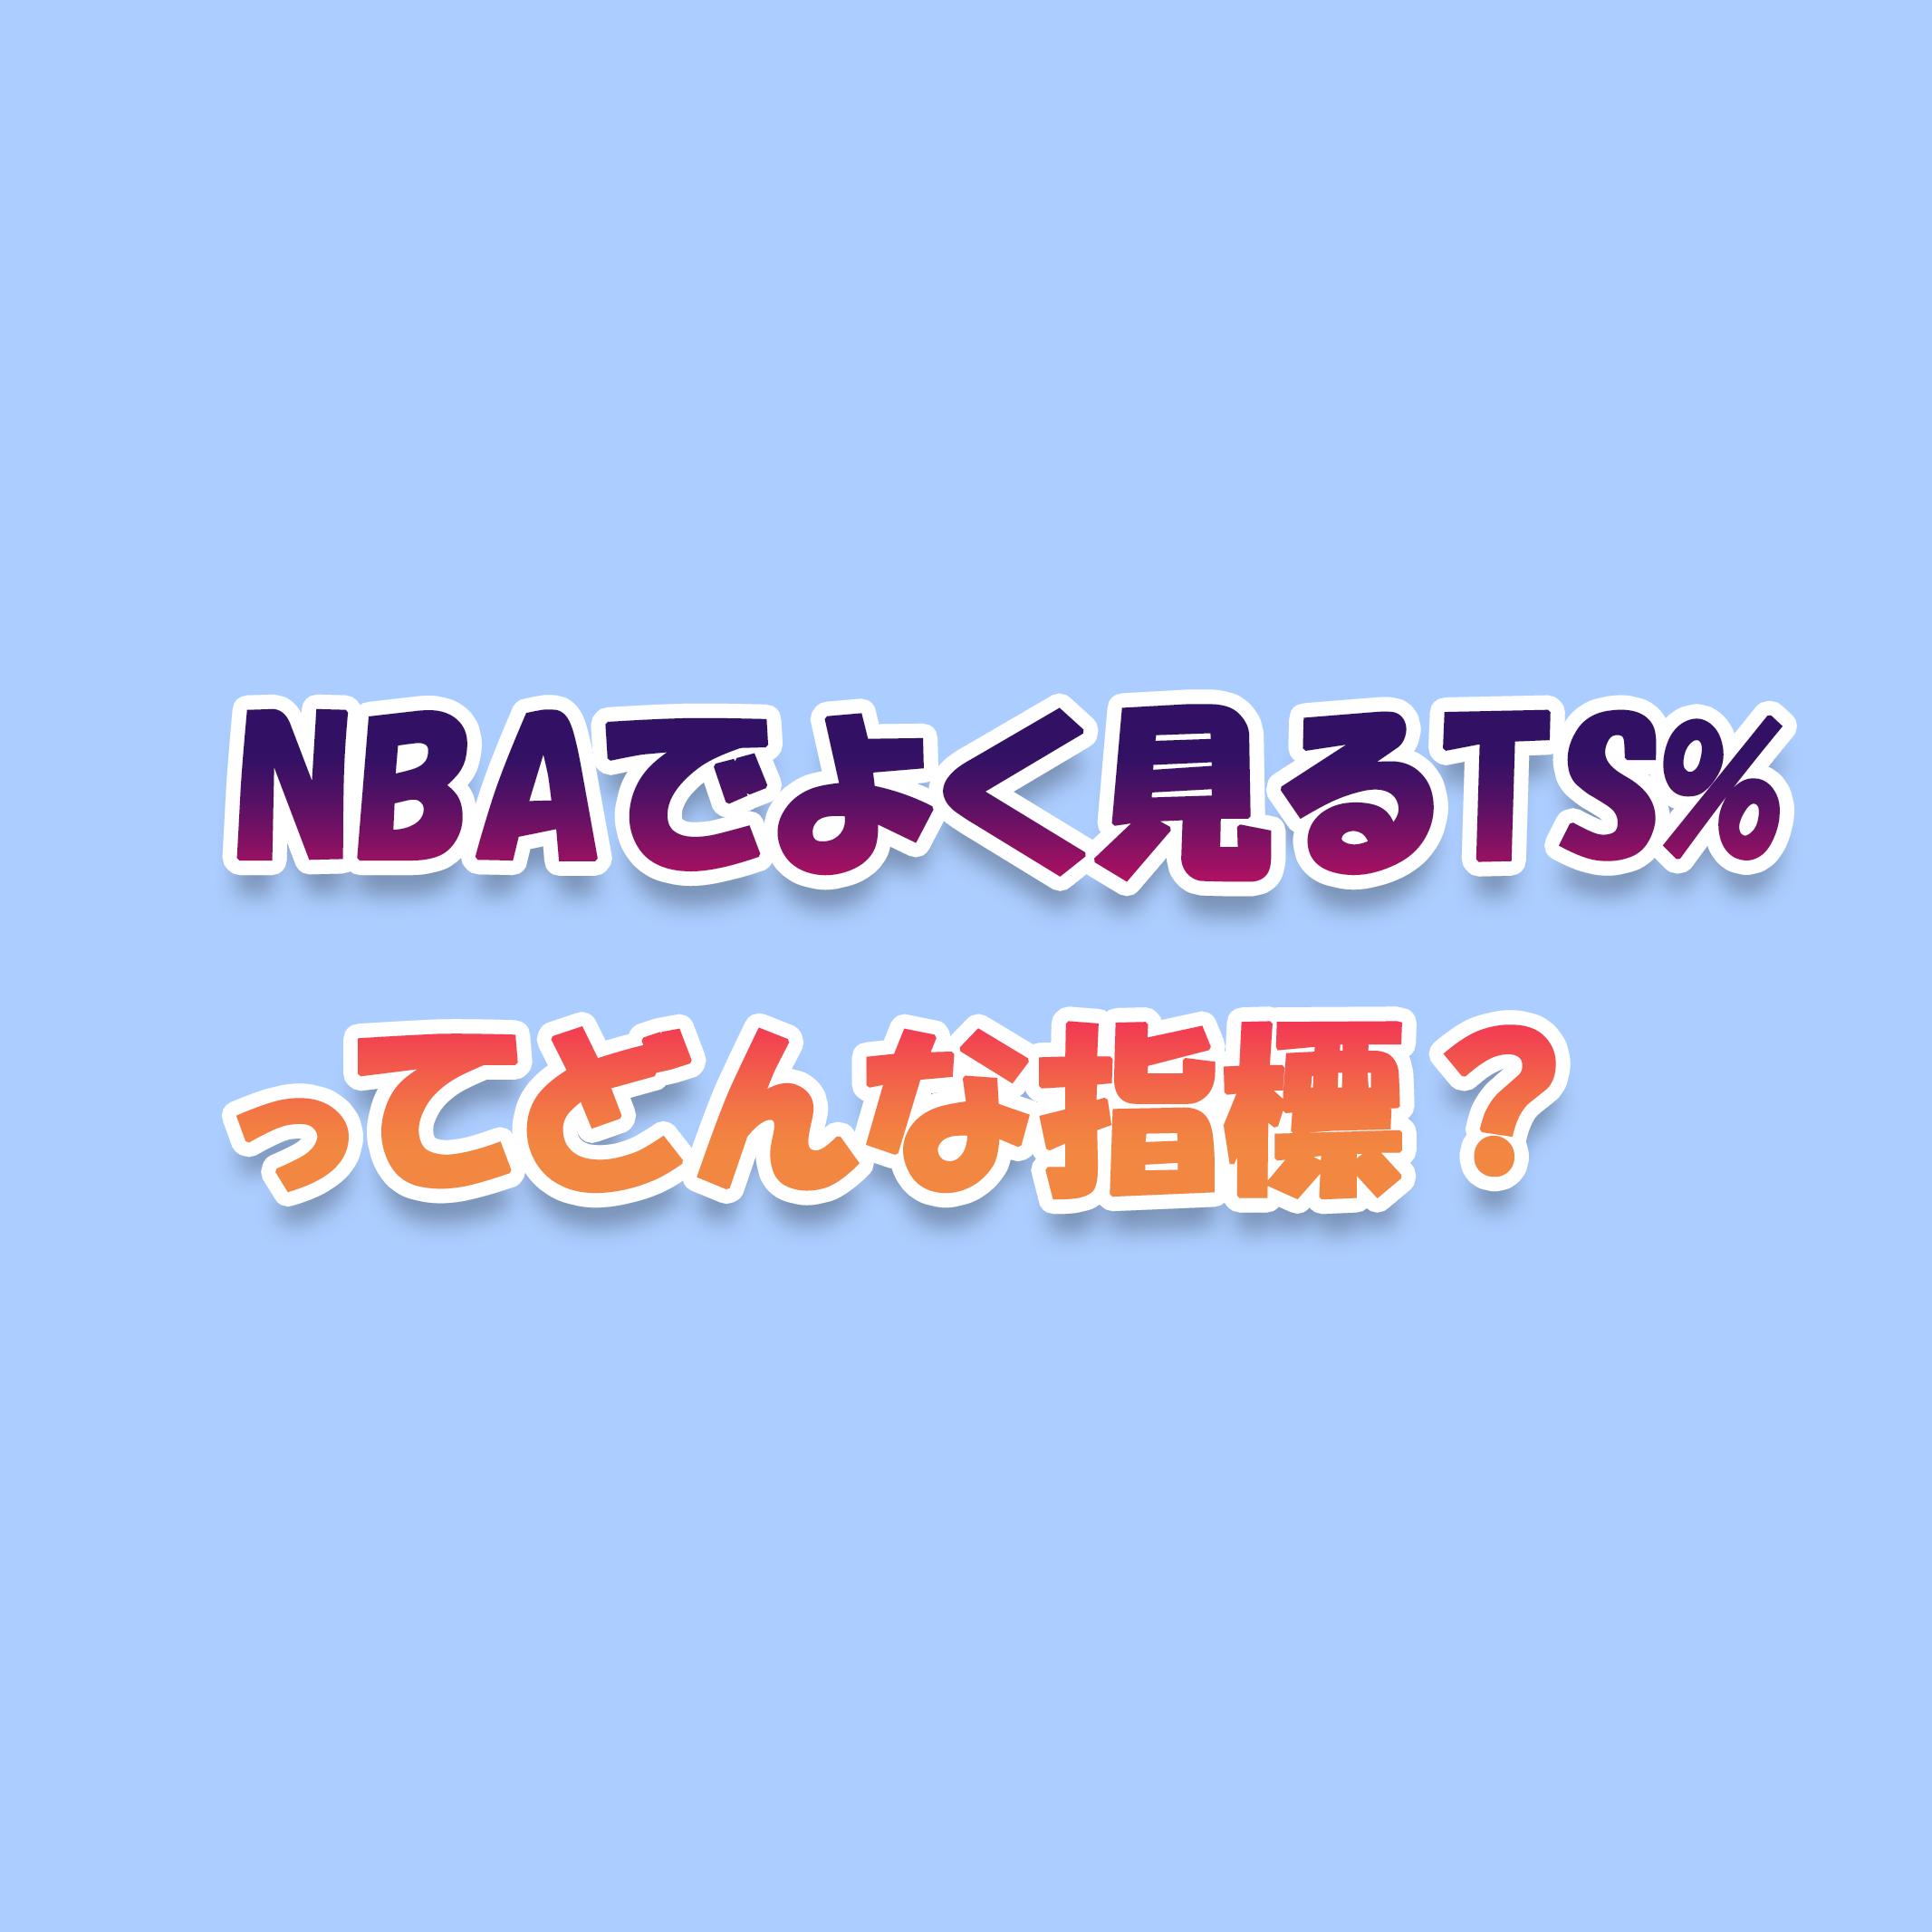 バスケット カウント nba